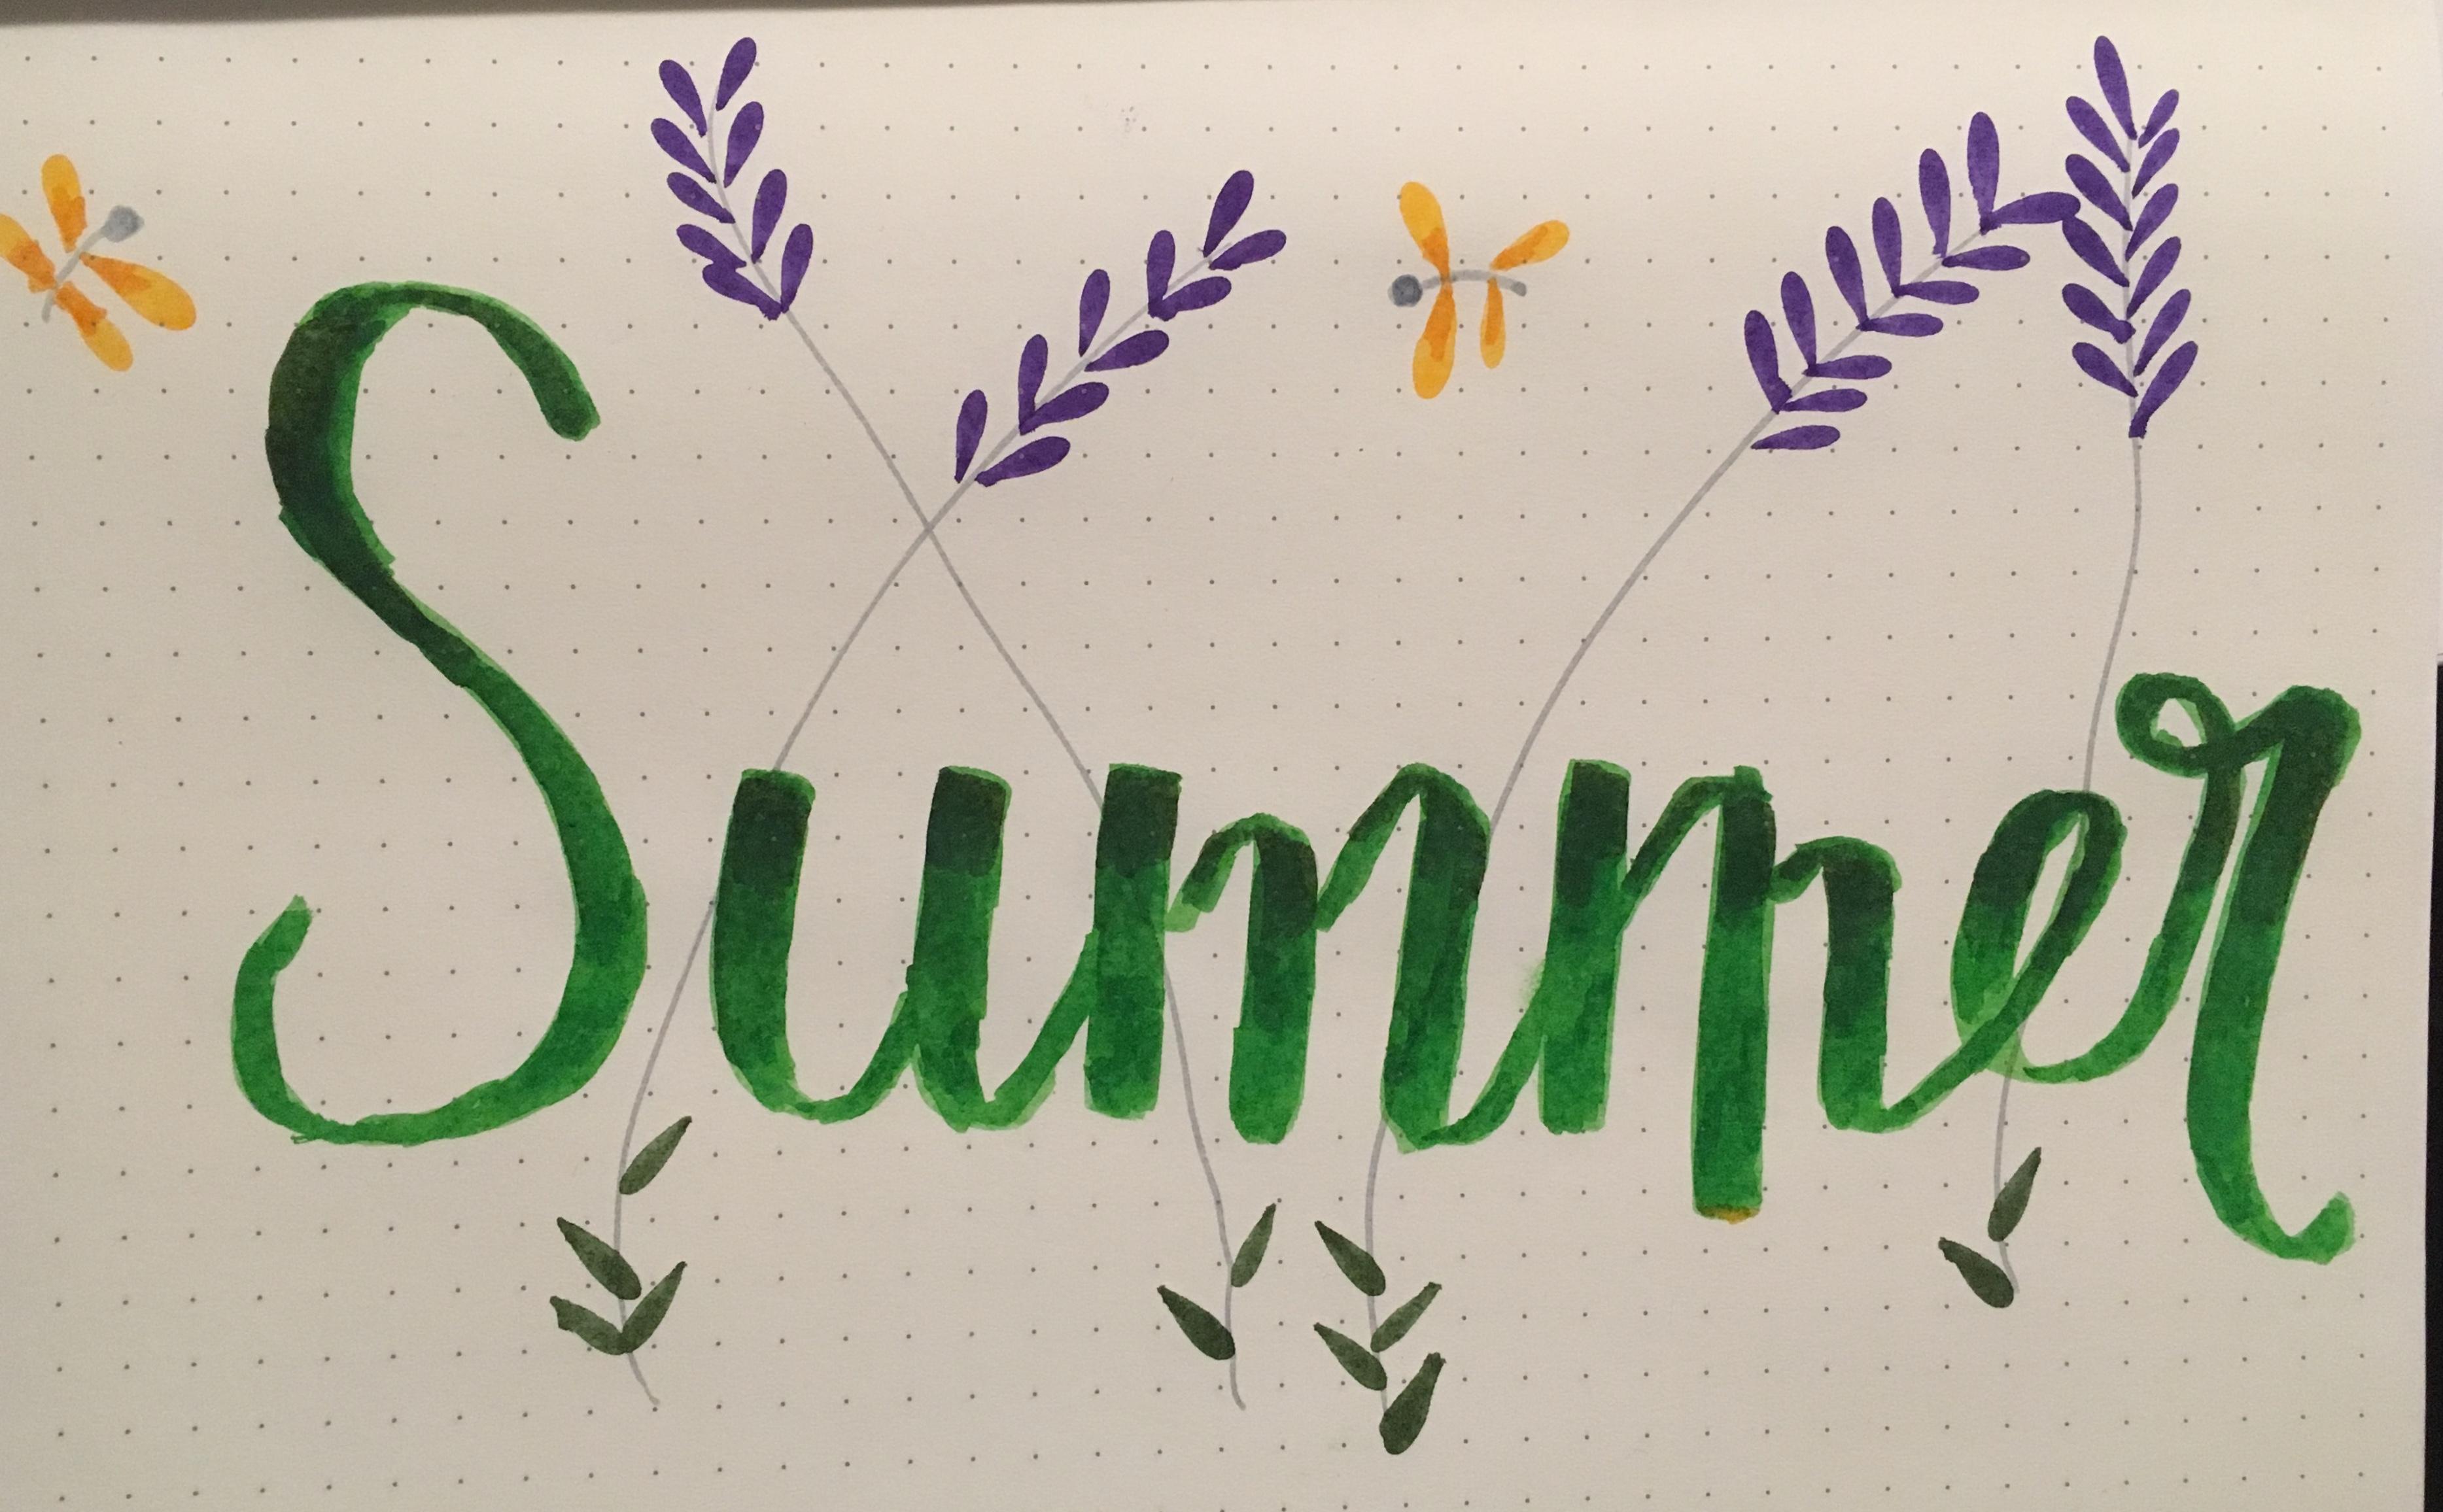 Sommar, sommar och sol